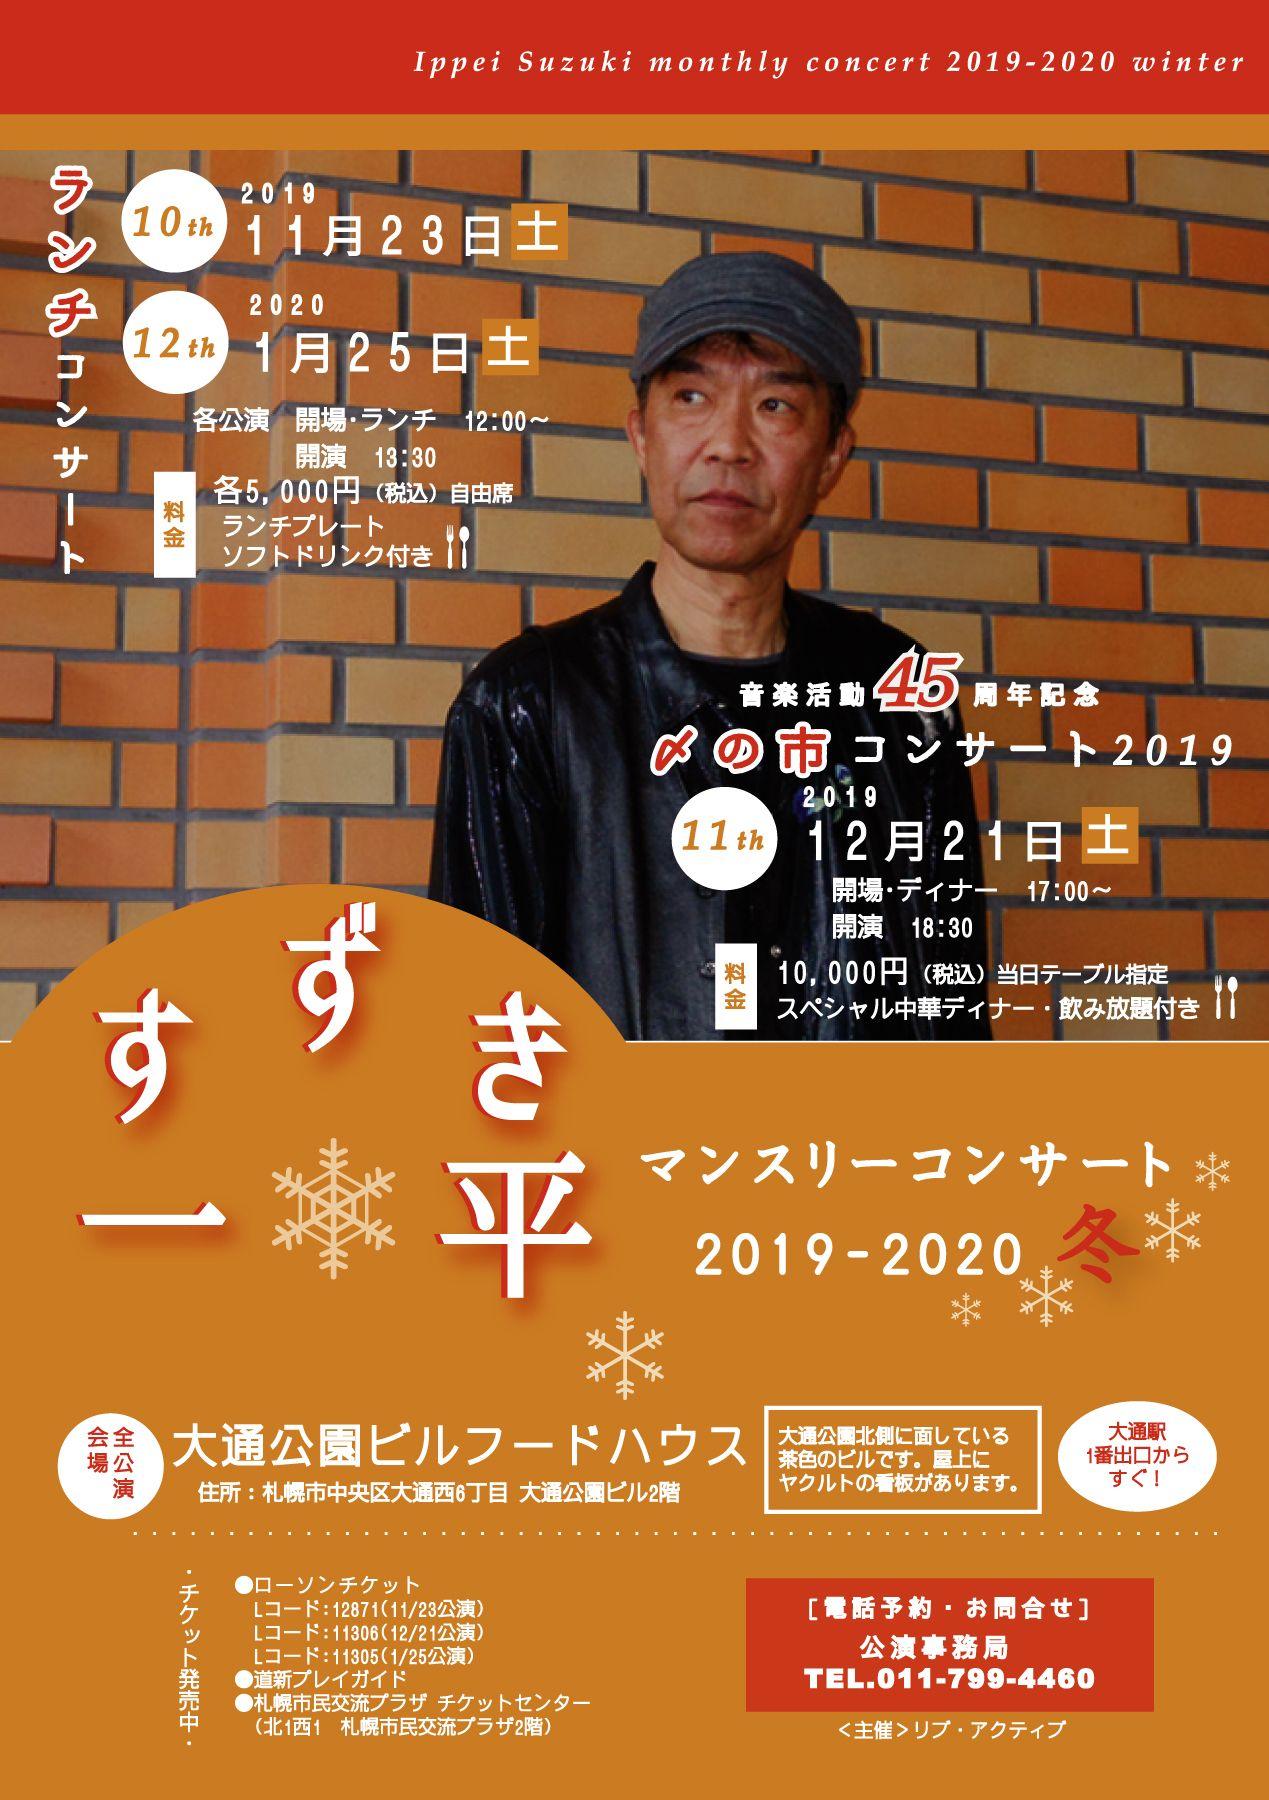 すずき一平マンスリーコンサート 2019-2020冬 イメージ画像